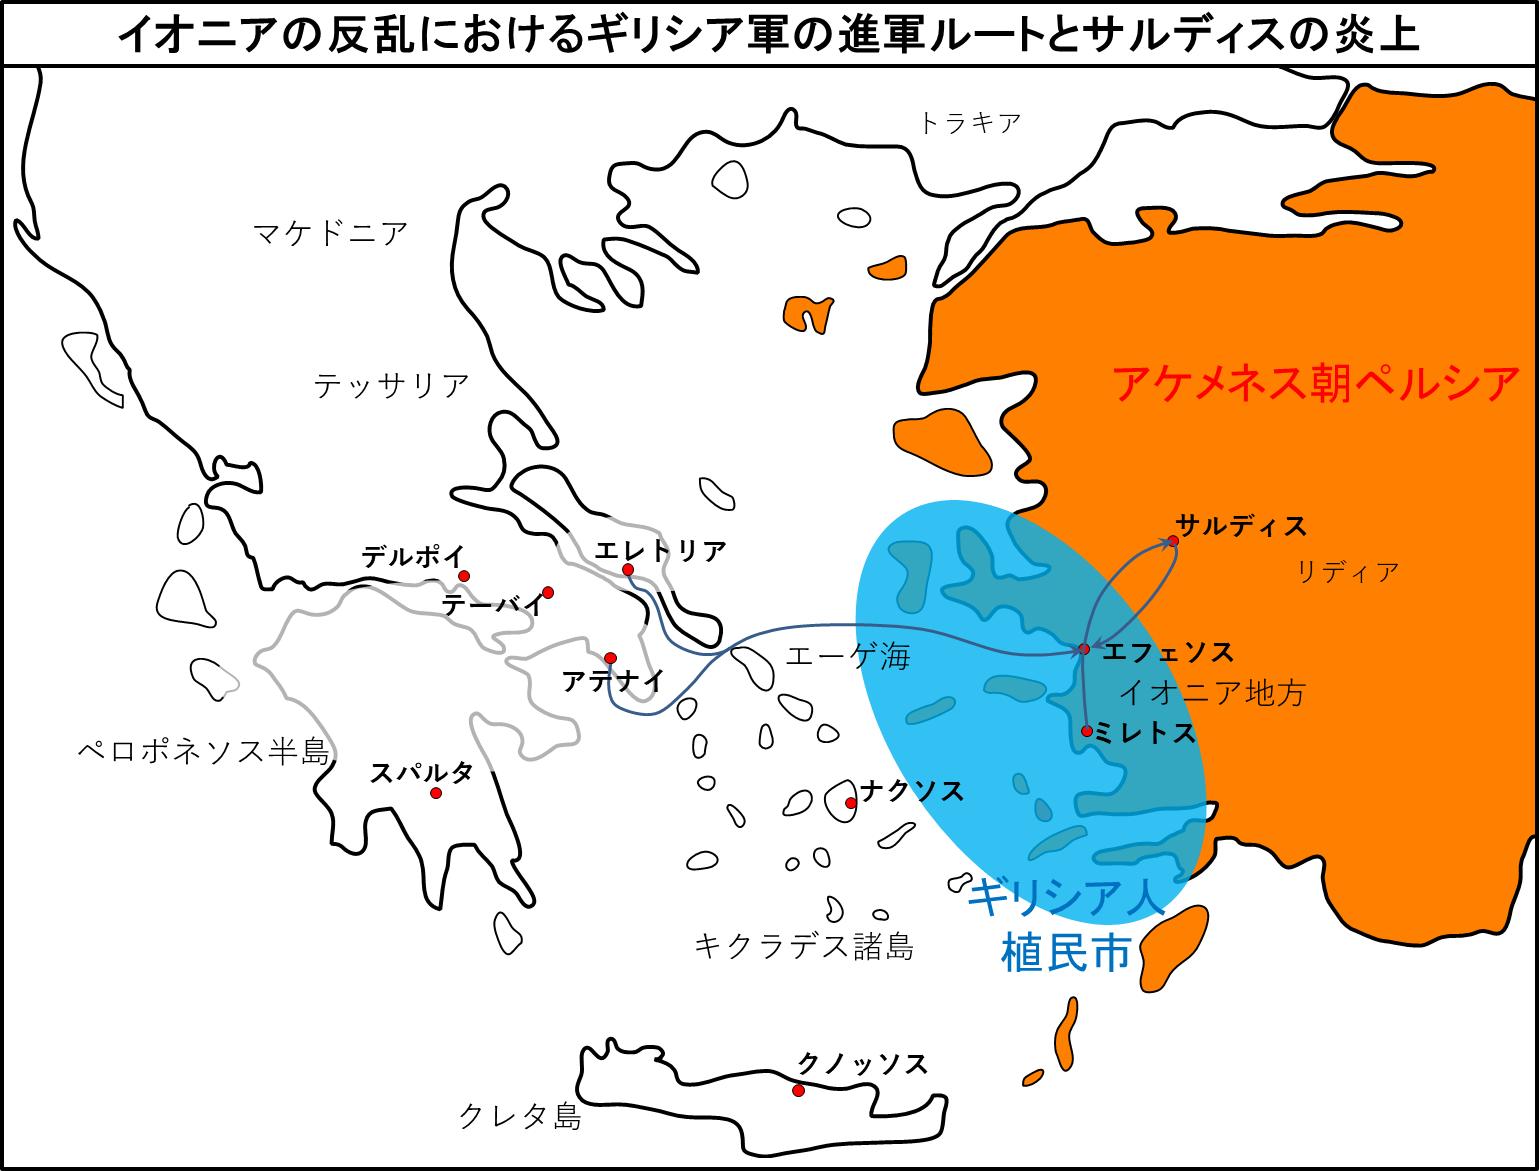 イオニアの反乱におけるギリシア軍の進軍ルートとサルディスの炎上